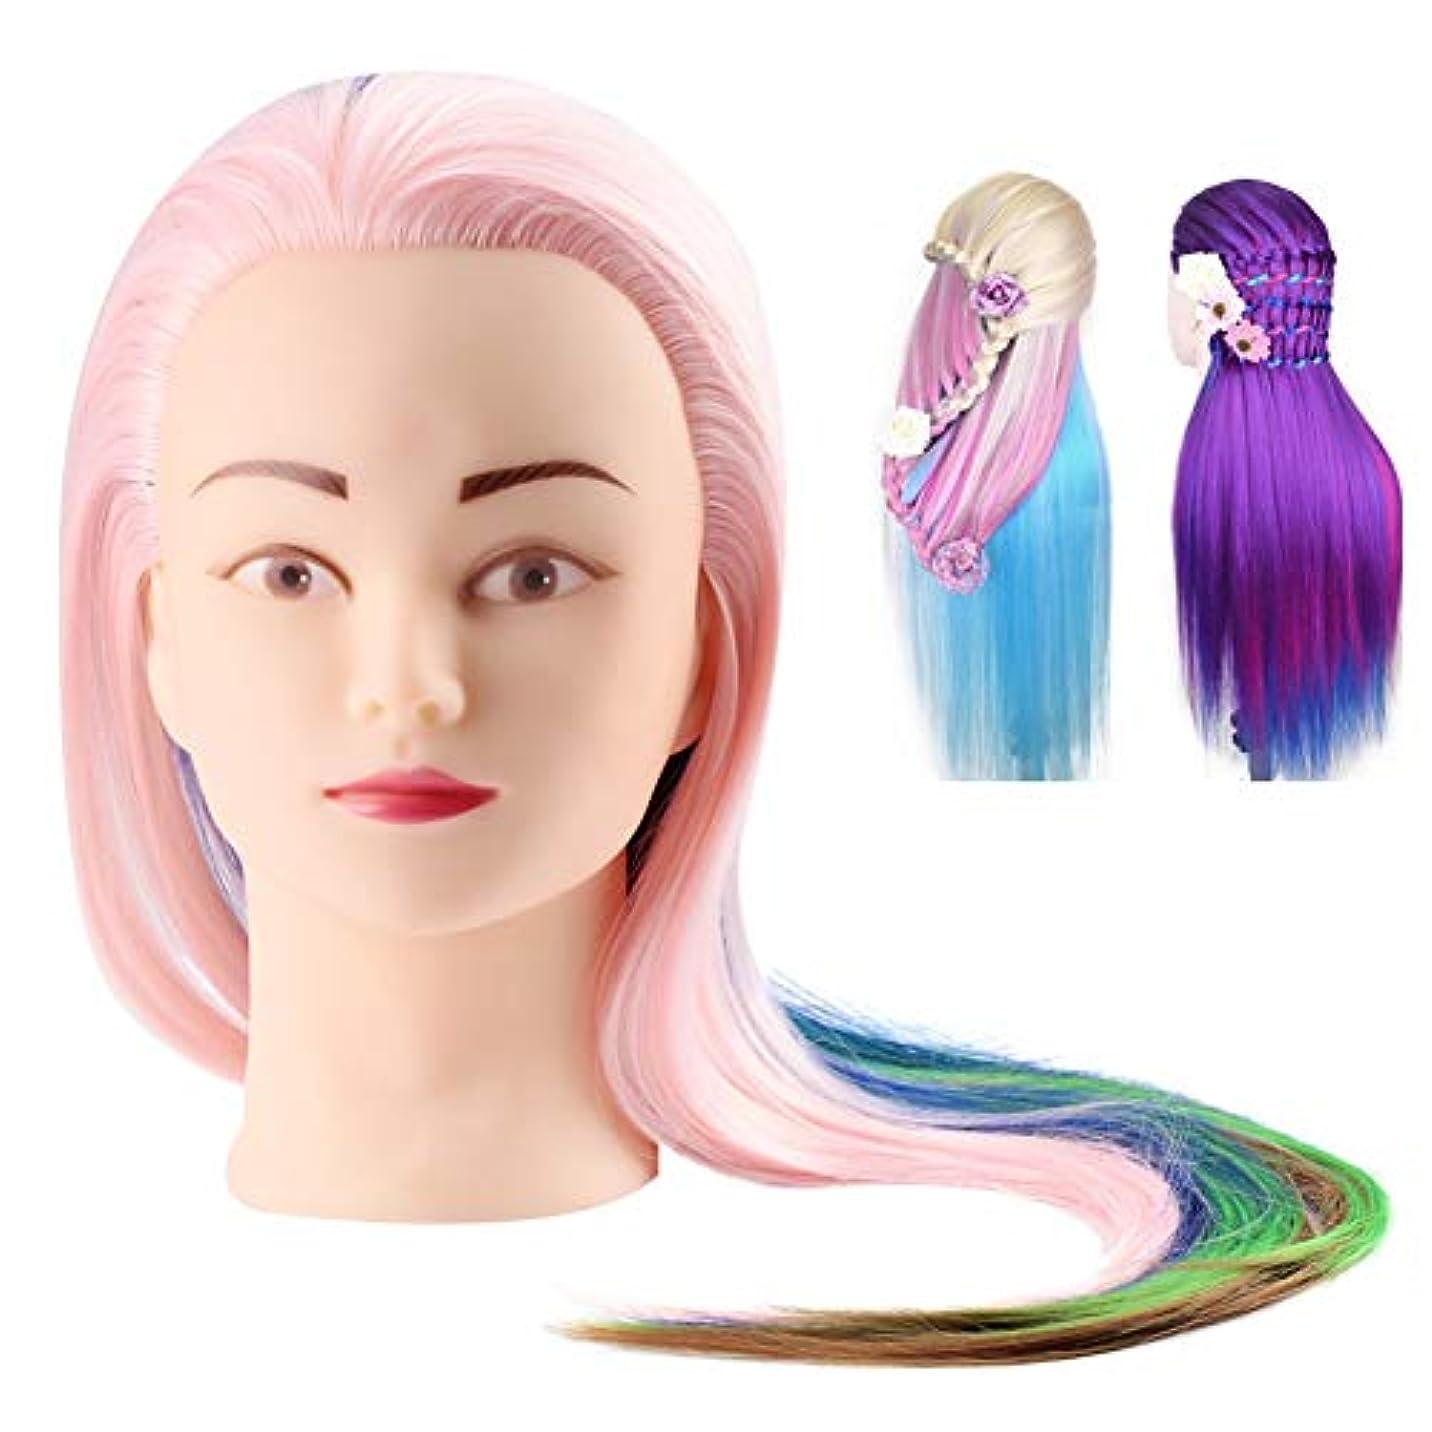 プレミアム計画的スキャンダラスプロの理髪ヘッド、化粧品実用的なマネキン人形人工毛、人工毛理髪トレーニングヘッドエクササイズマネキン